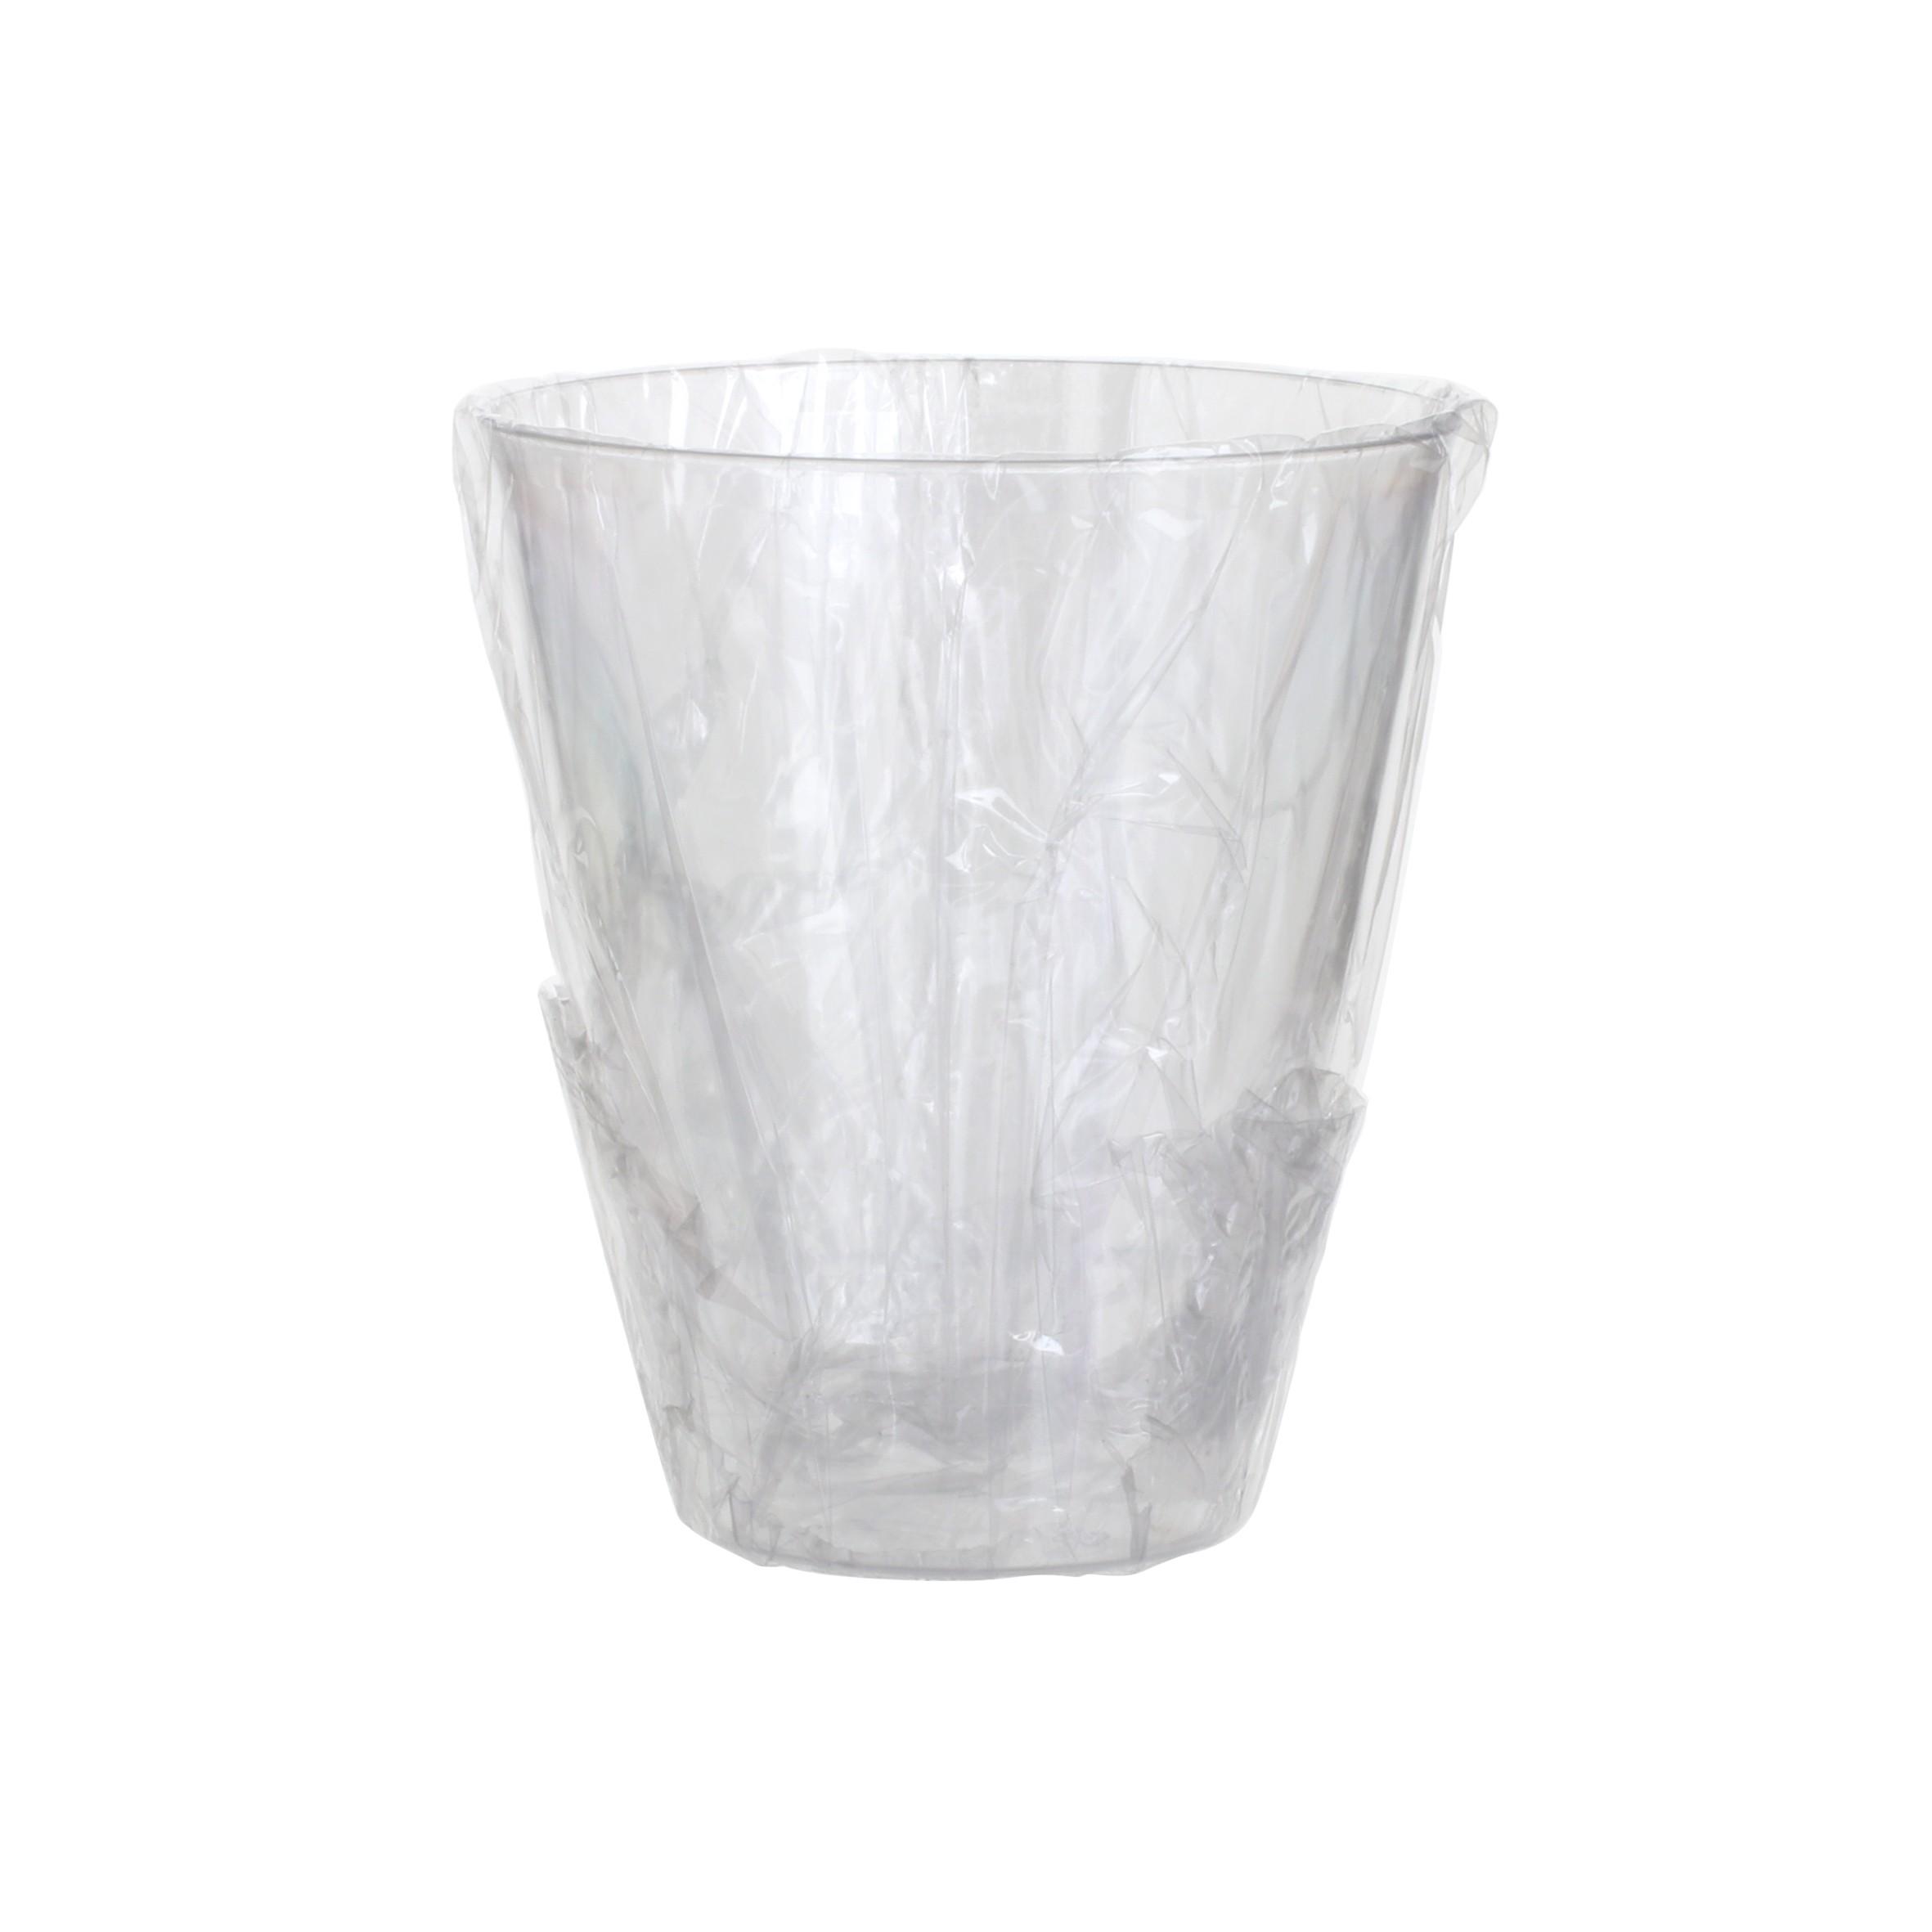 Verre cristal KONIK 20 cl emballé individuellement